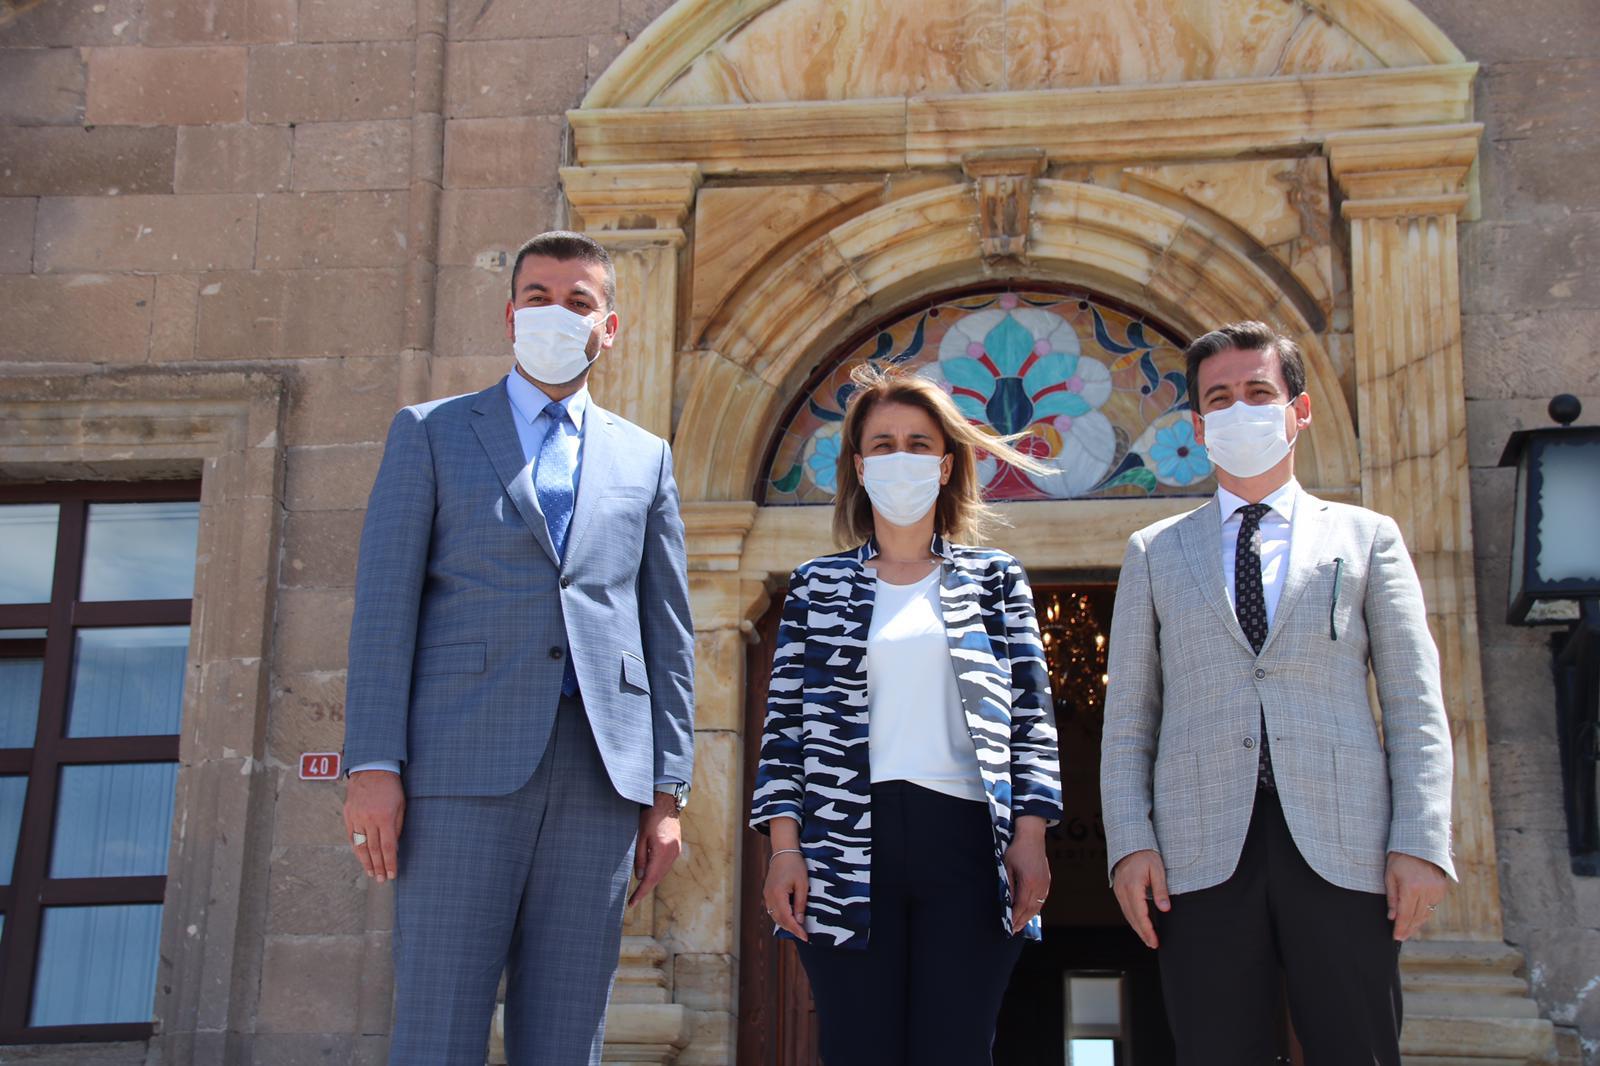 Nevşehir Valisi İnci Sezer Becel'den Başkan Aktürk'e Ziyaret